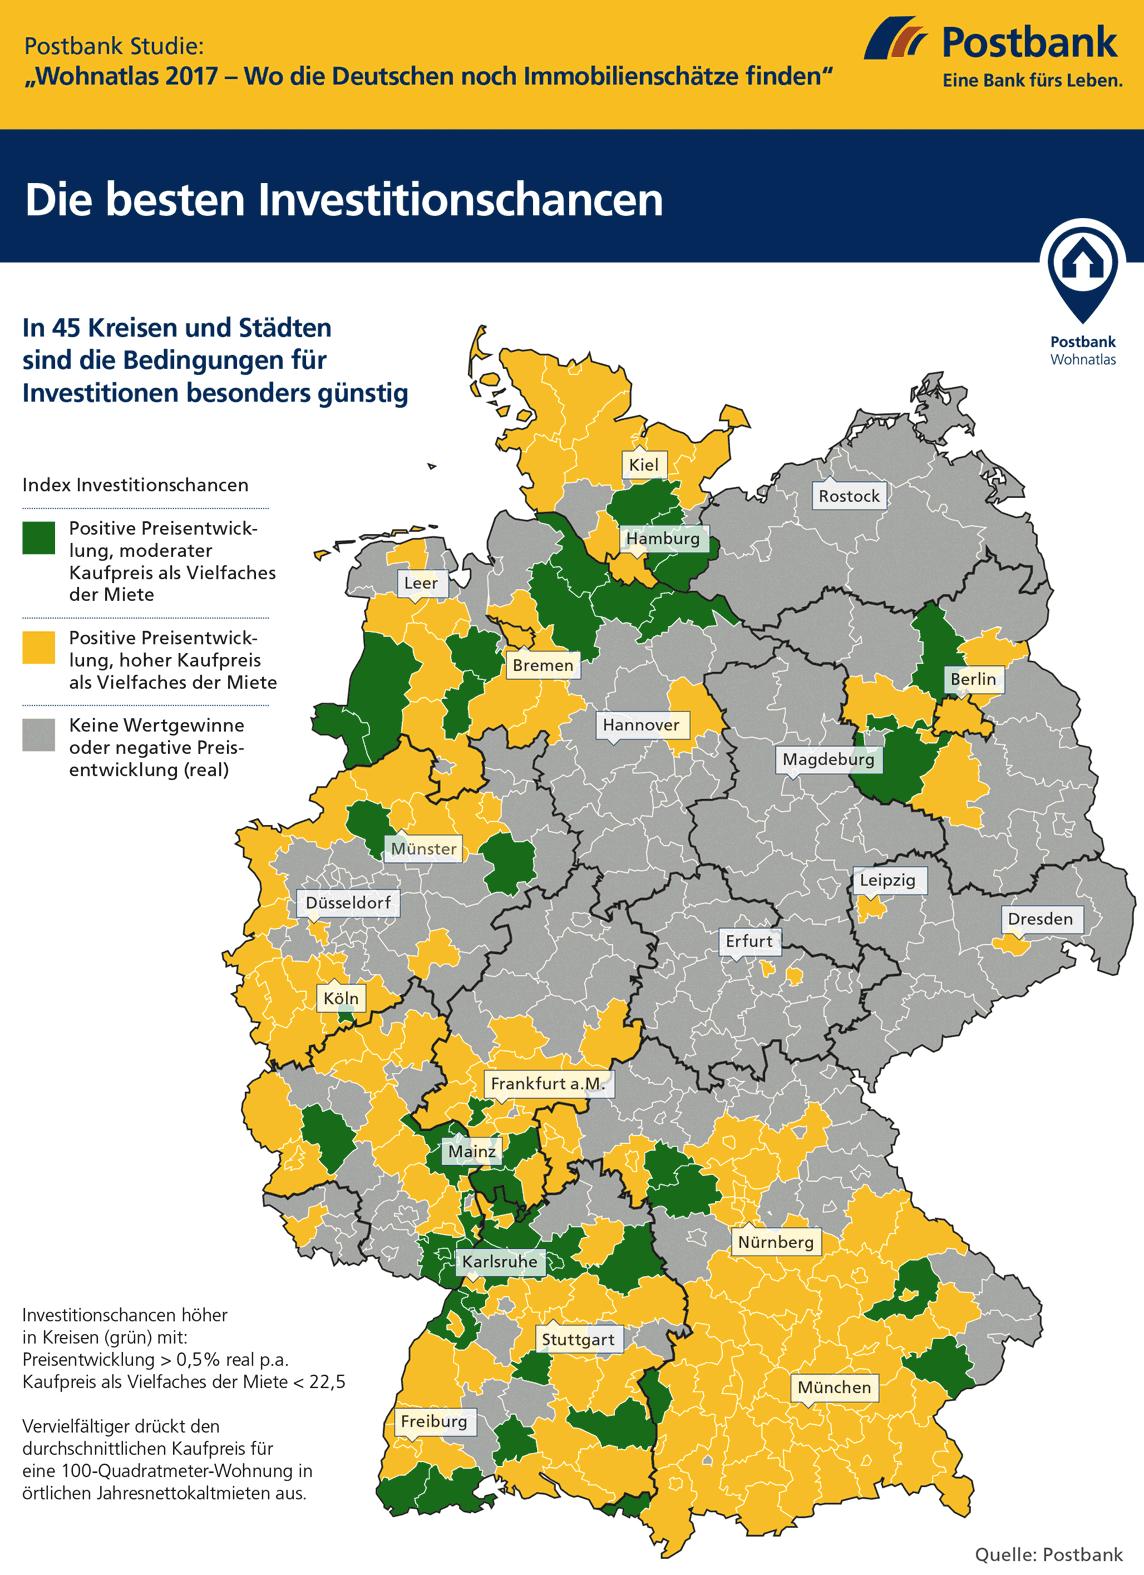 Immobilienpreise Ulm postbank wohnatlas 2017 wo finden sich noch immobilienschätze